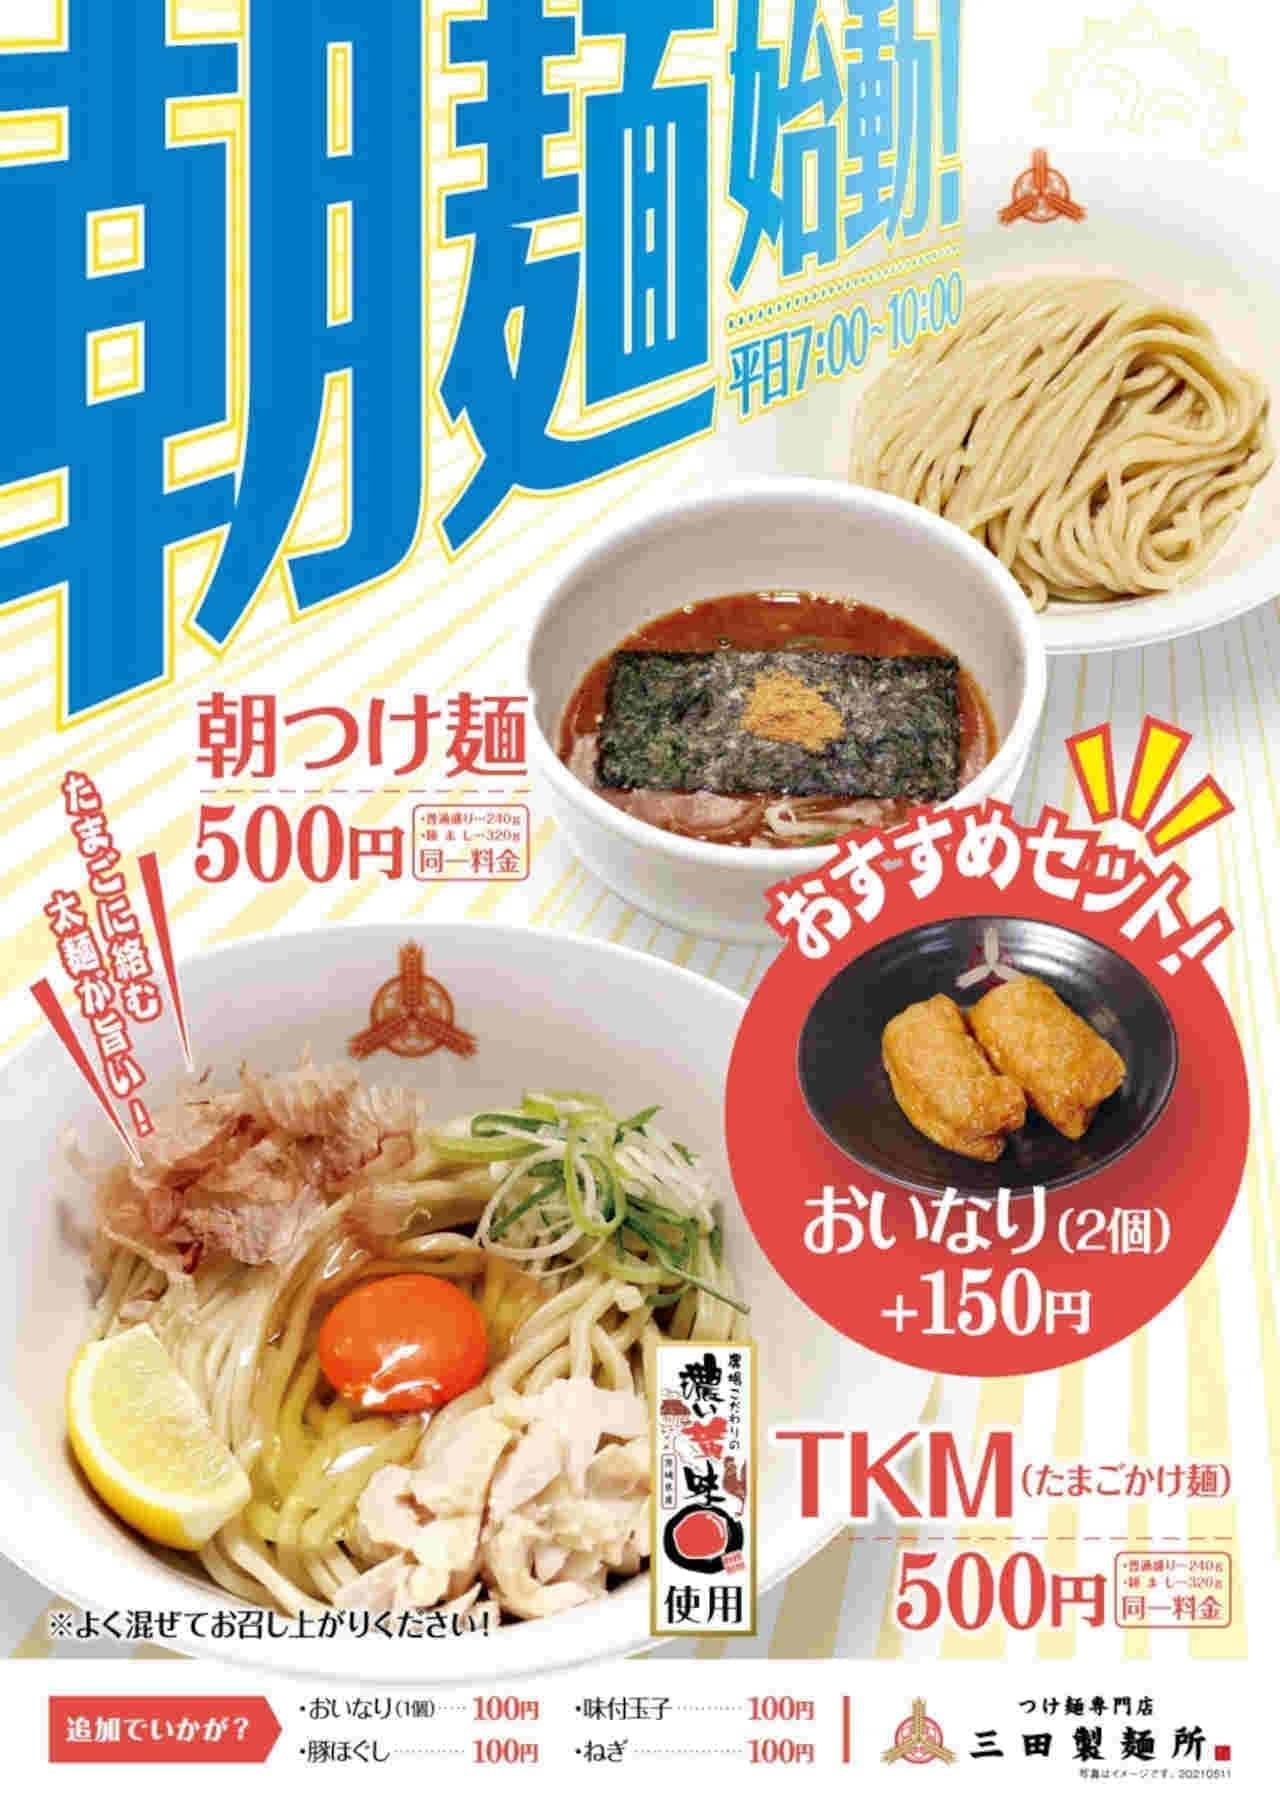 三田製麺所「朝つけ麺」「TKM(たまごかけ麺)」